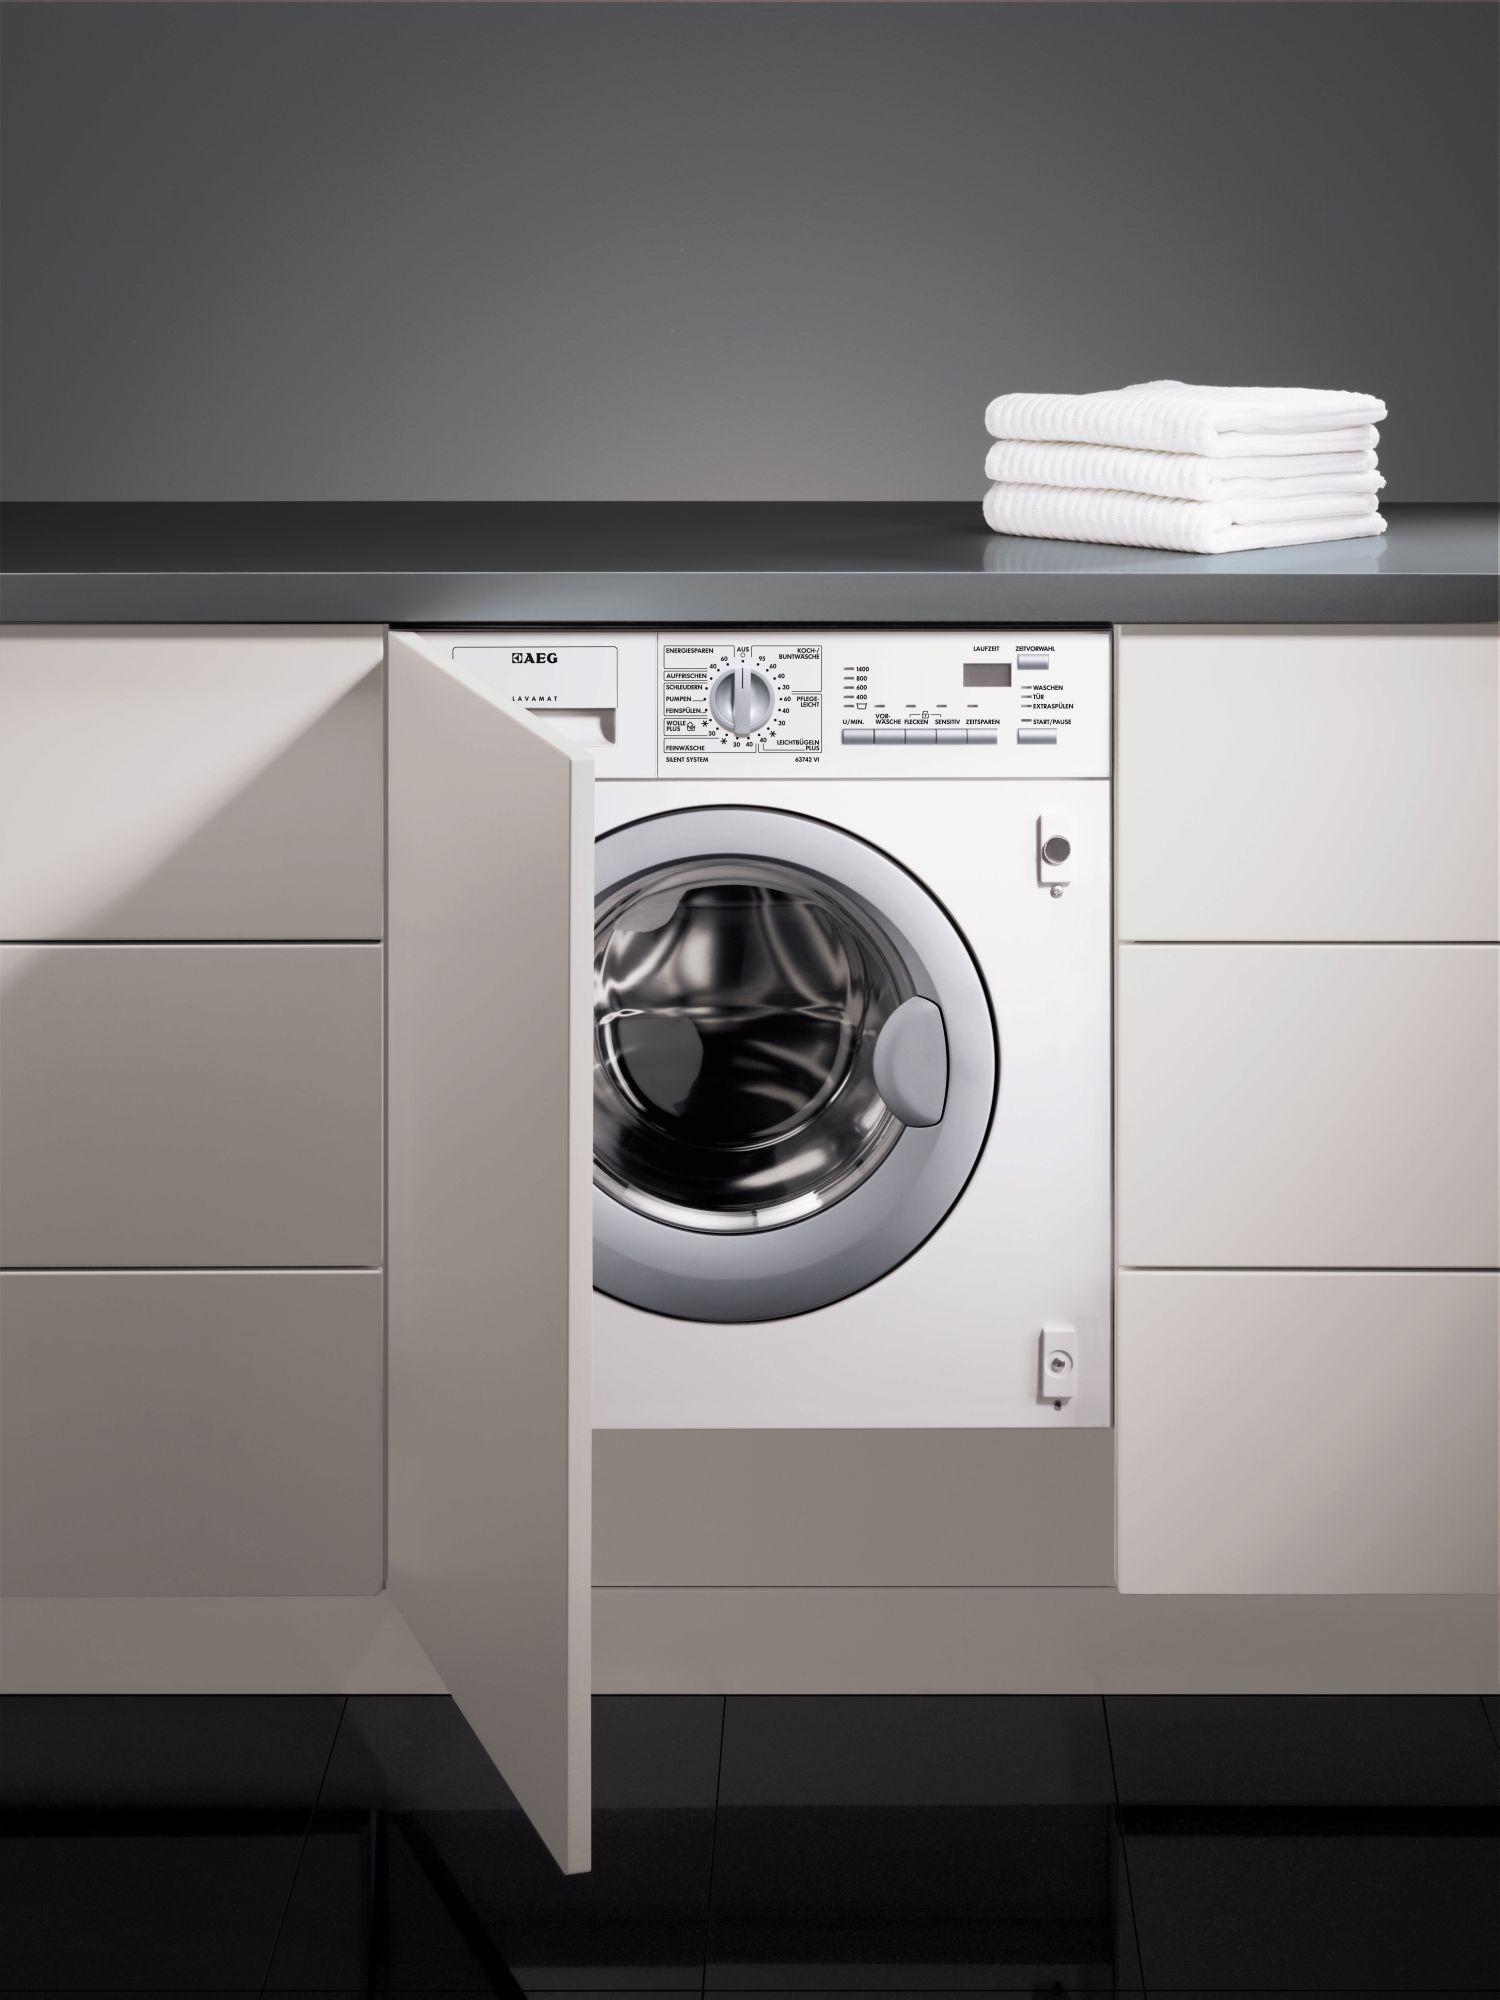 aeg waschmaschine einbau bewusst haushalten. Black Bedroom Furniture Sets. Home Design Ideas